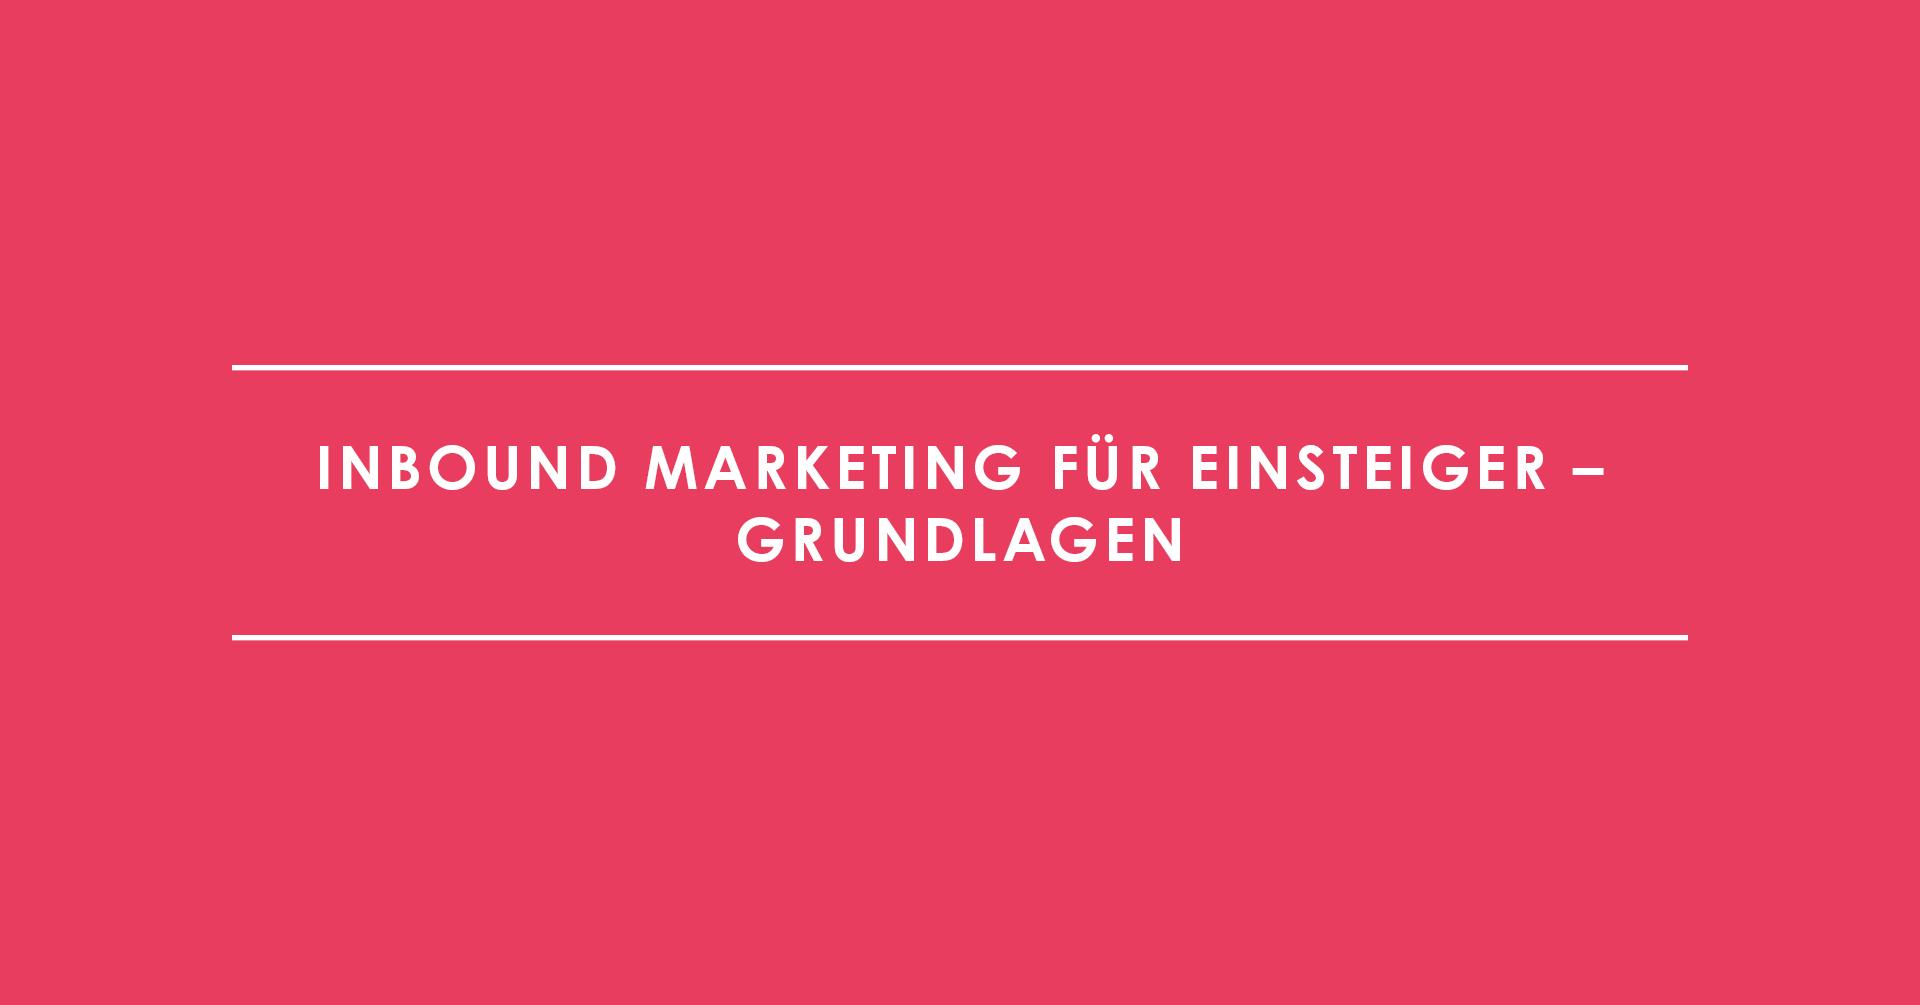 Inbound Marketing für Einsteiger – Grundlagen